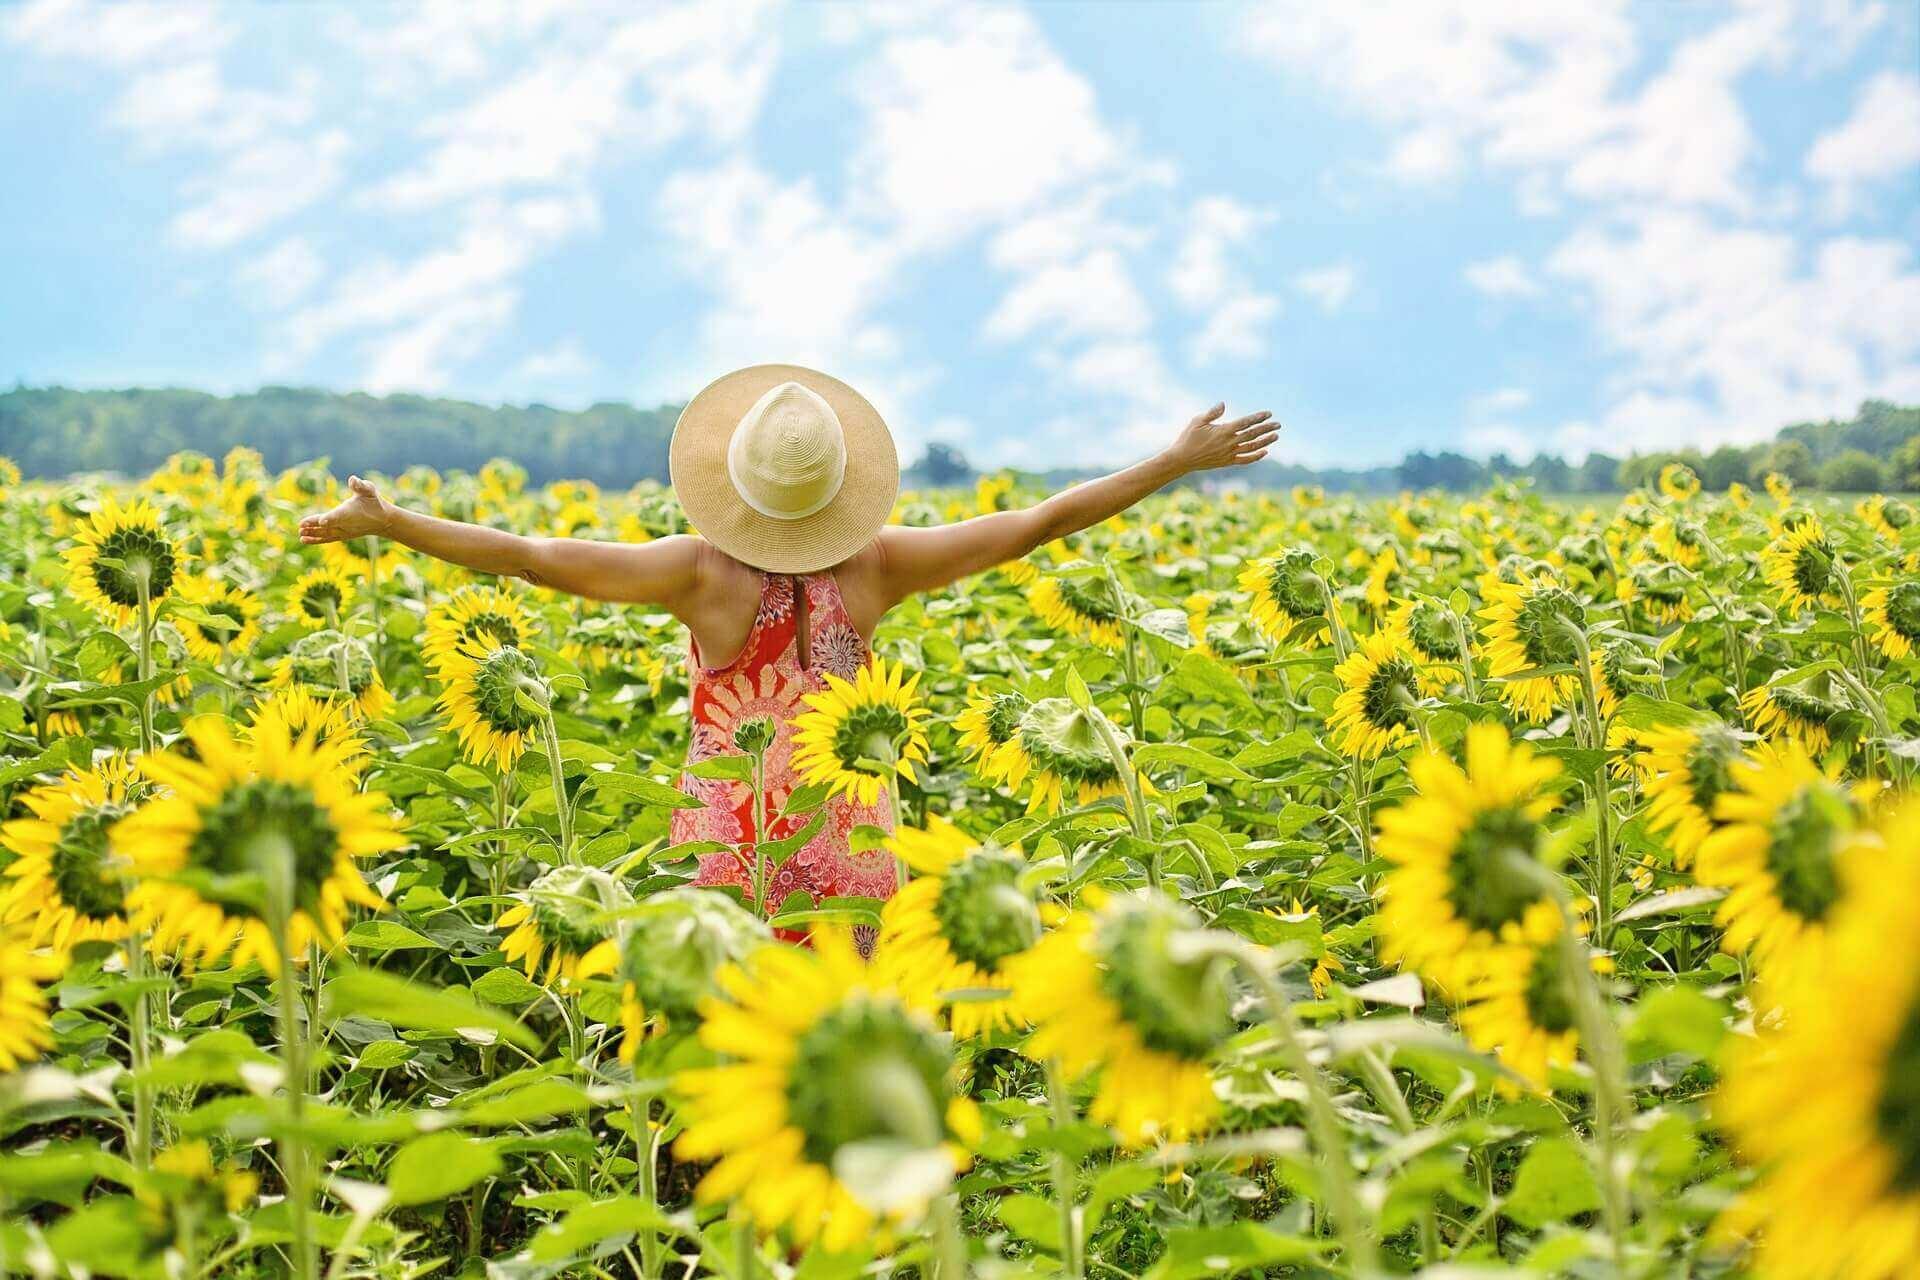 夏のひまわり畑と女性